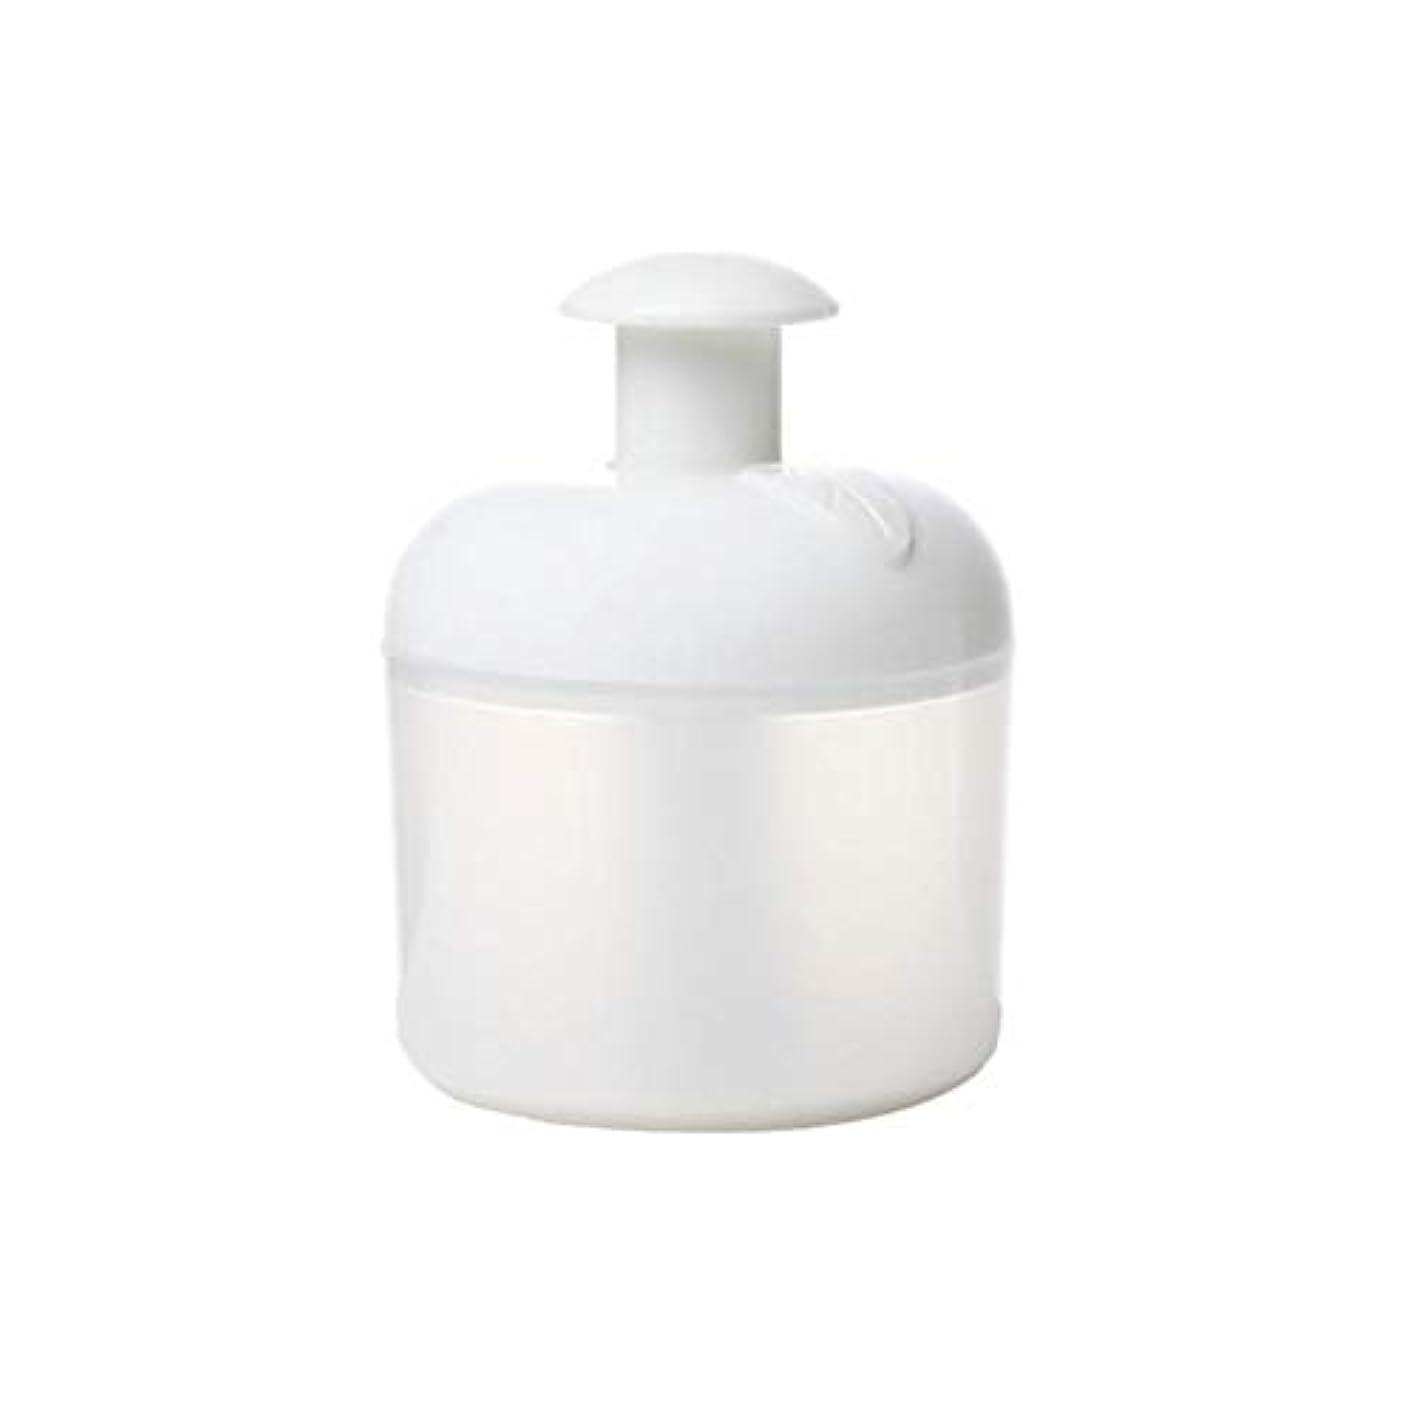 プロット資料ピックマイクロバブルフォーマー - Dewin 洗顔泡立て器 洗顔ネット マイクロホイッパー クリーンツール 7倍の濃厚なバブル 美容グッズ